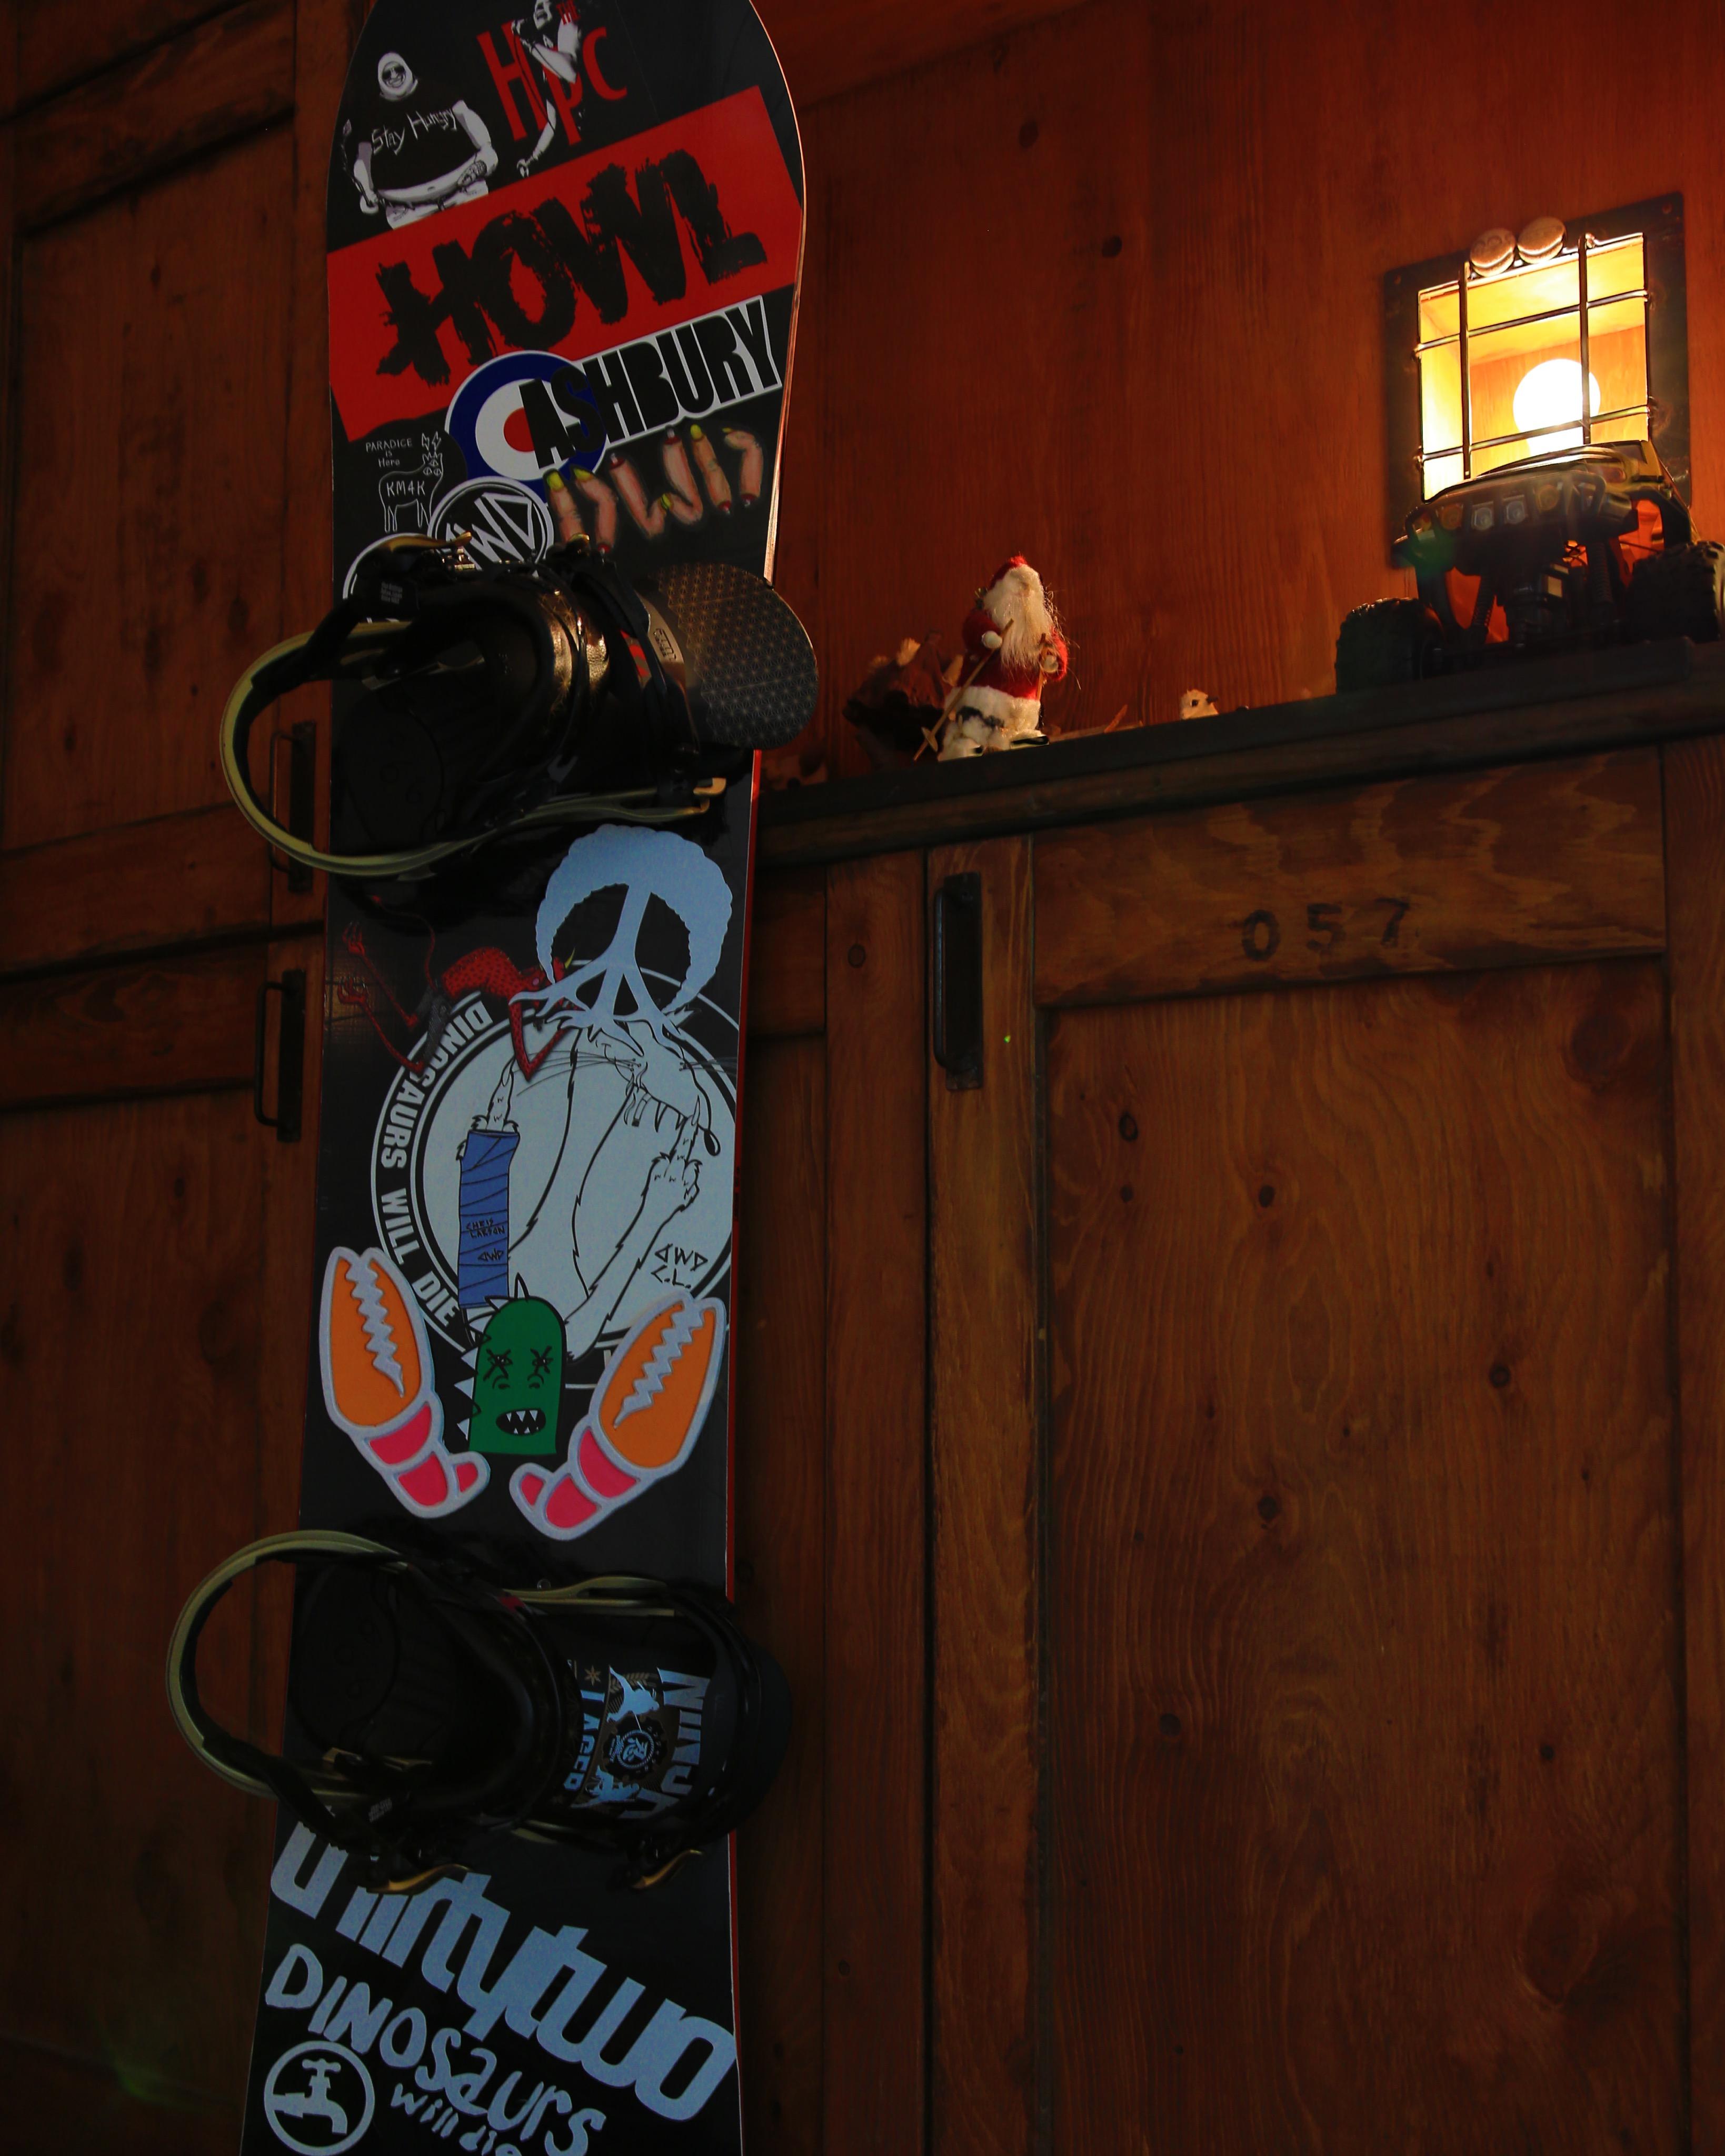 僕がこのスノーボードを選ぶ理由